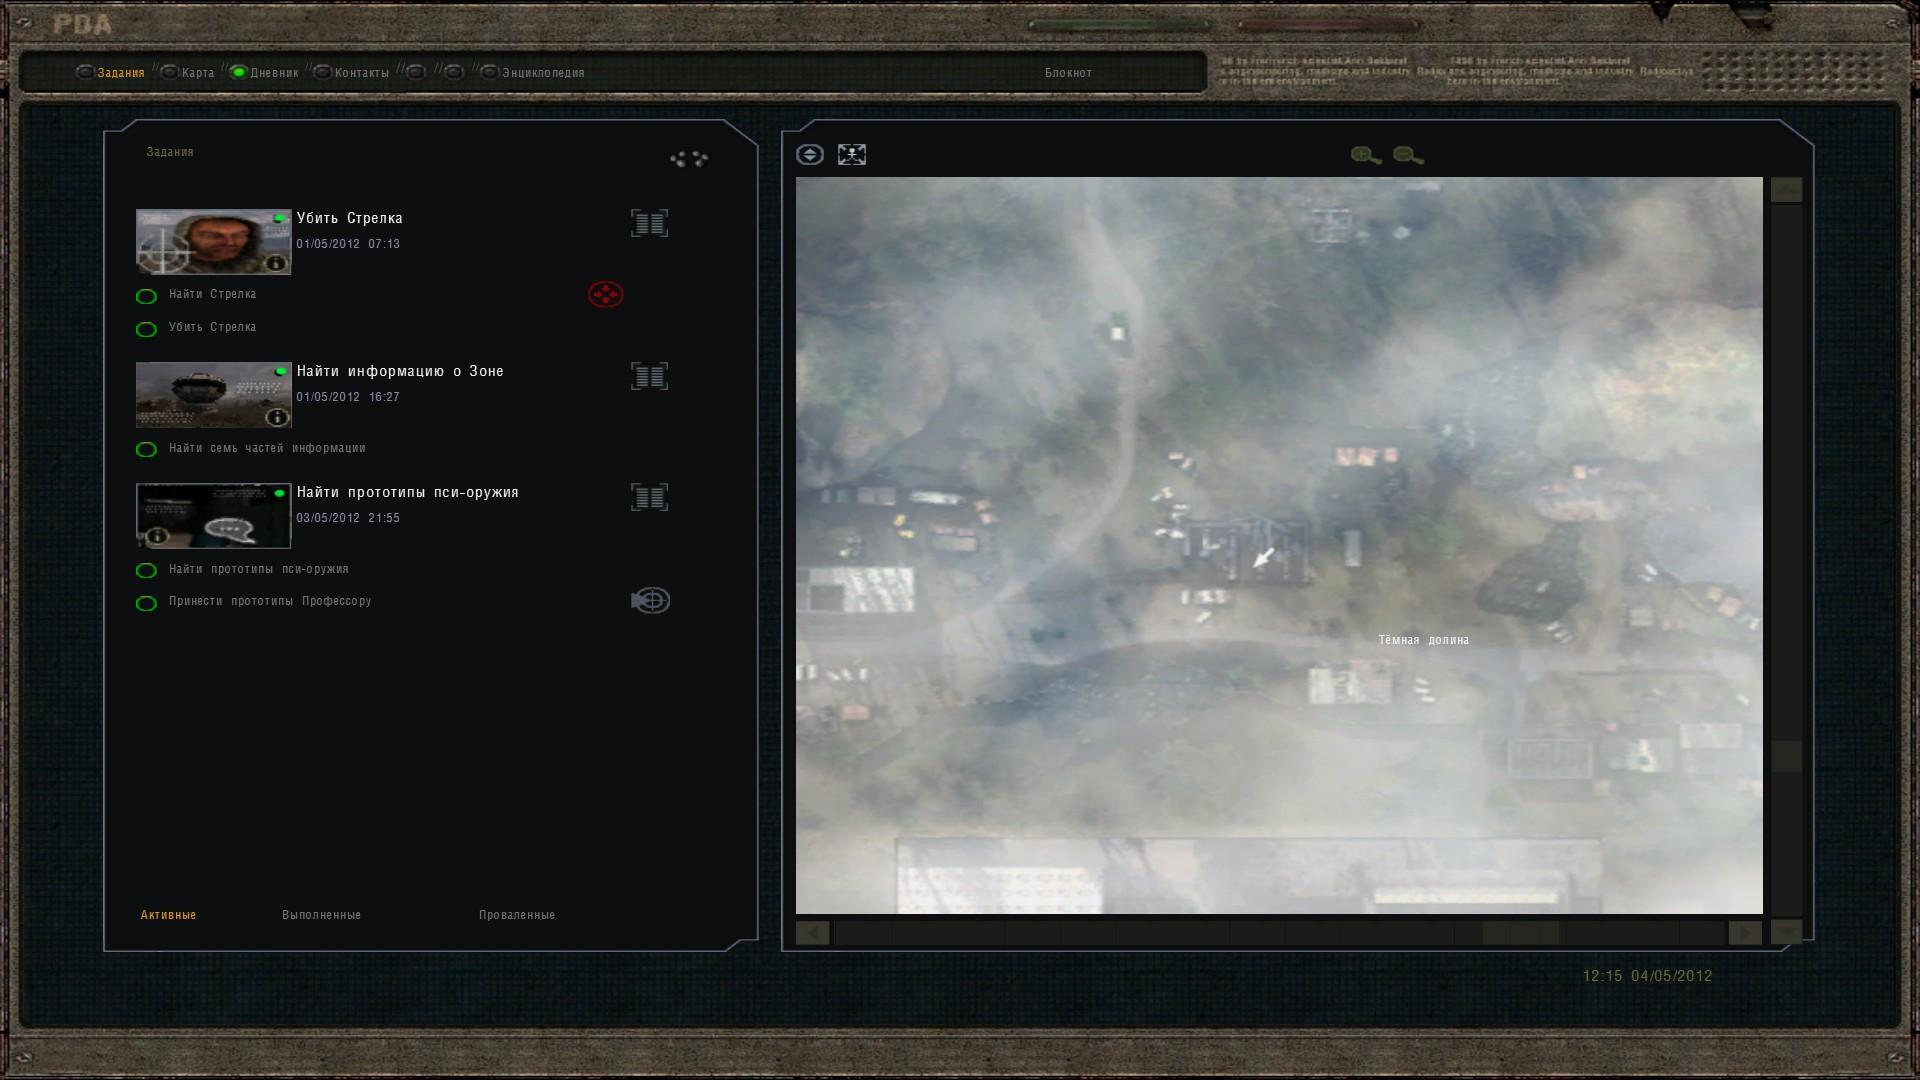 Oblivion Lost Remake 2.5 image 234